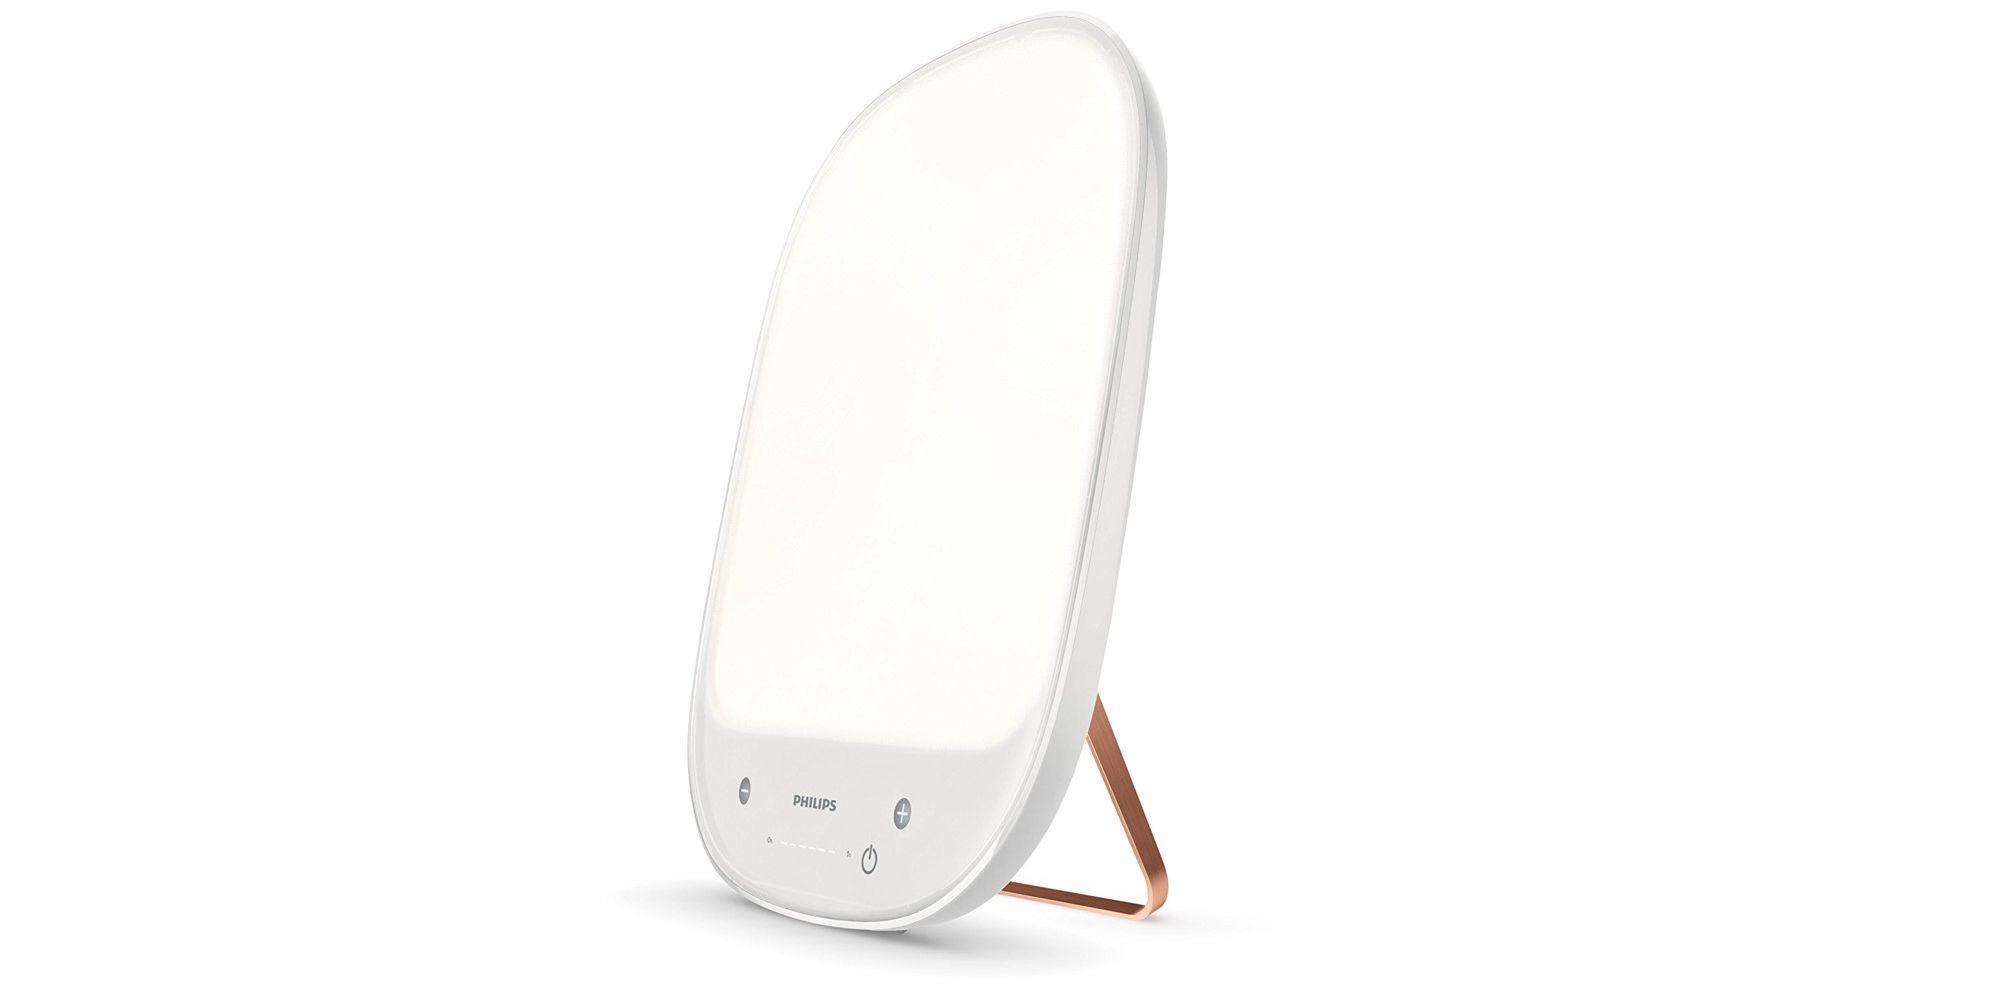 Comparatif Lampe Luminotherapie Philips Notre Selection De 3 Modeles